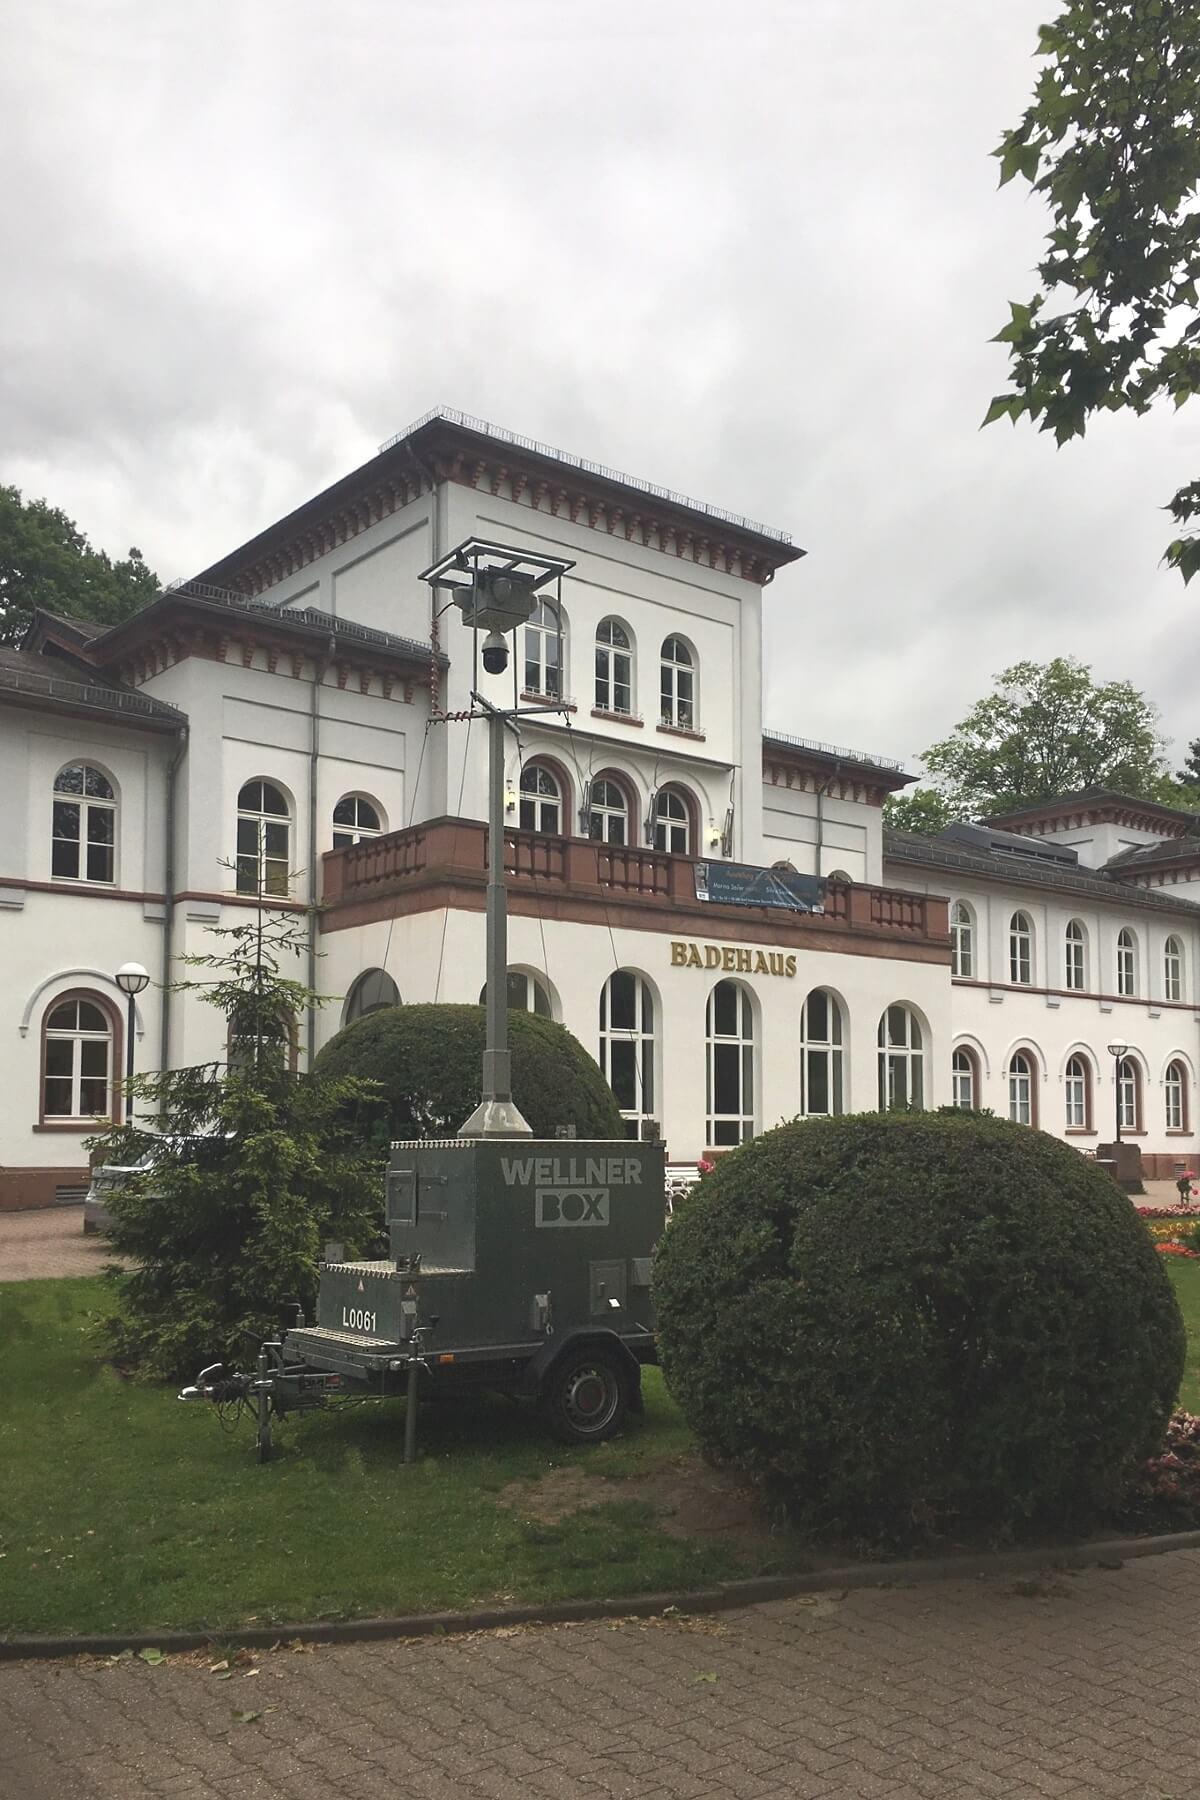 """Eine WellnerBOX """"mobil"""" vor dem historischen Kur- und Badehaus"""